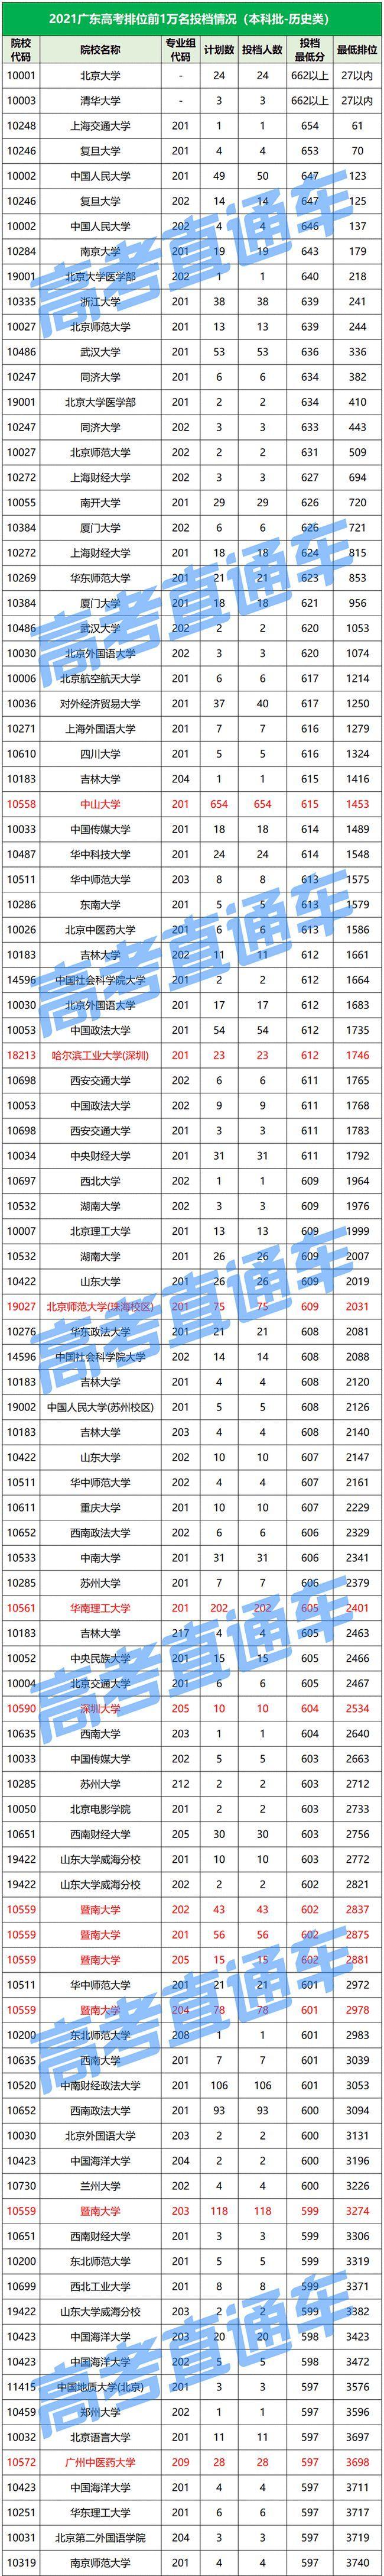 2021广东高考前一万名学霸去向曝光!最容易考上西安电子科技大学